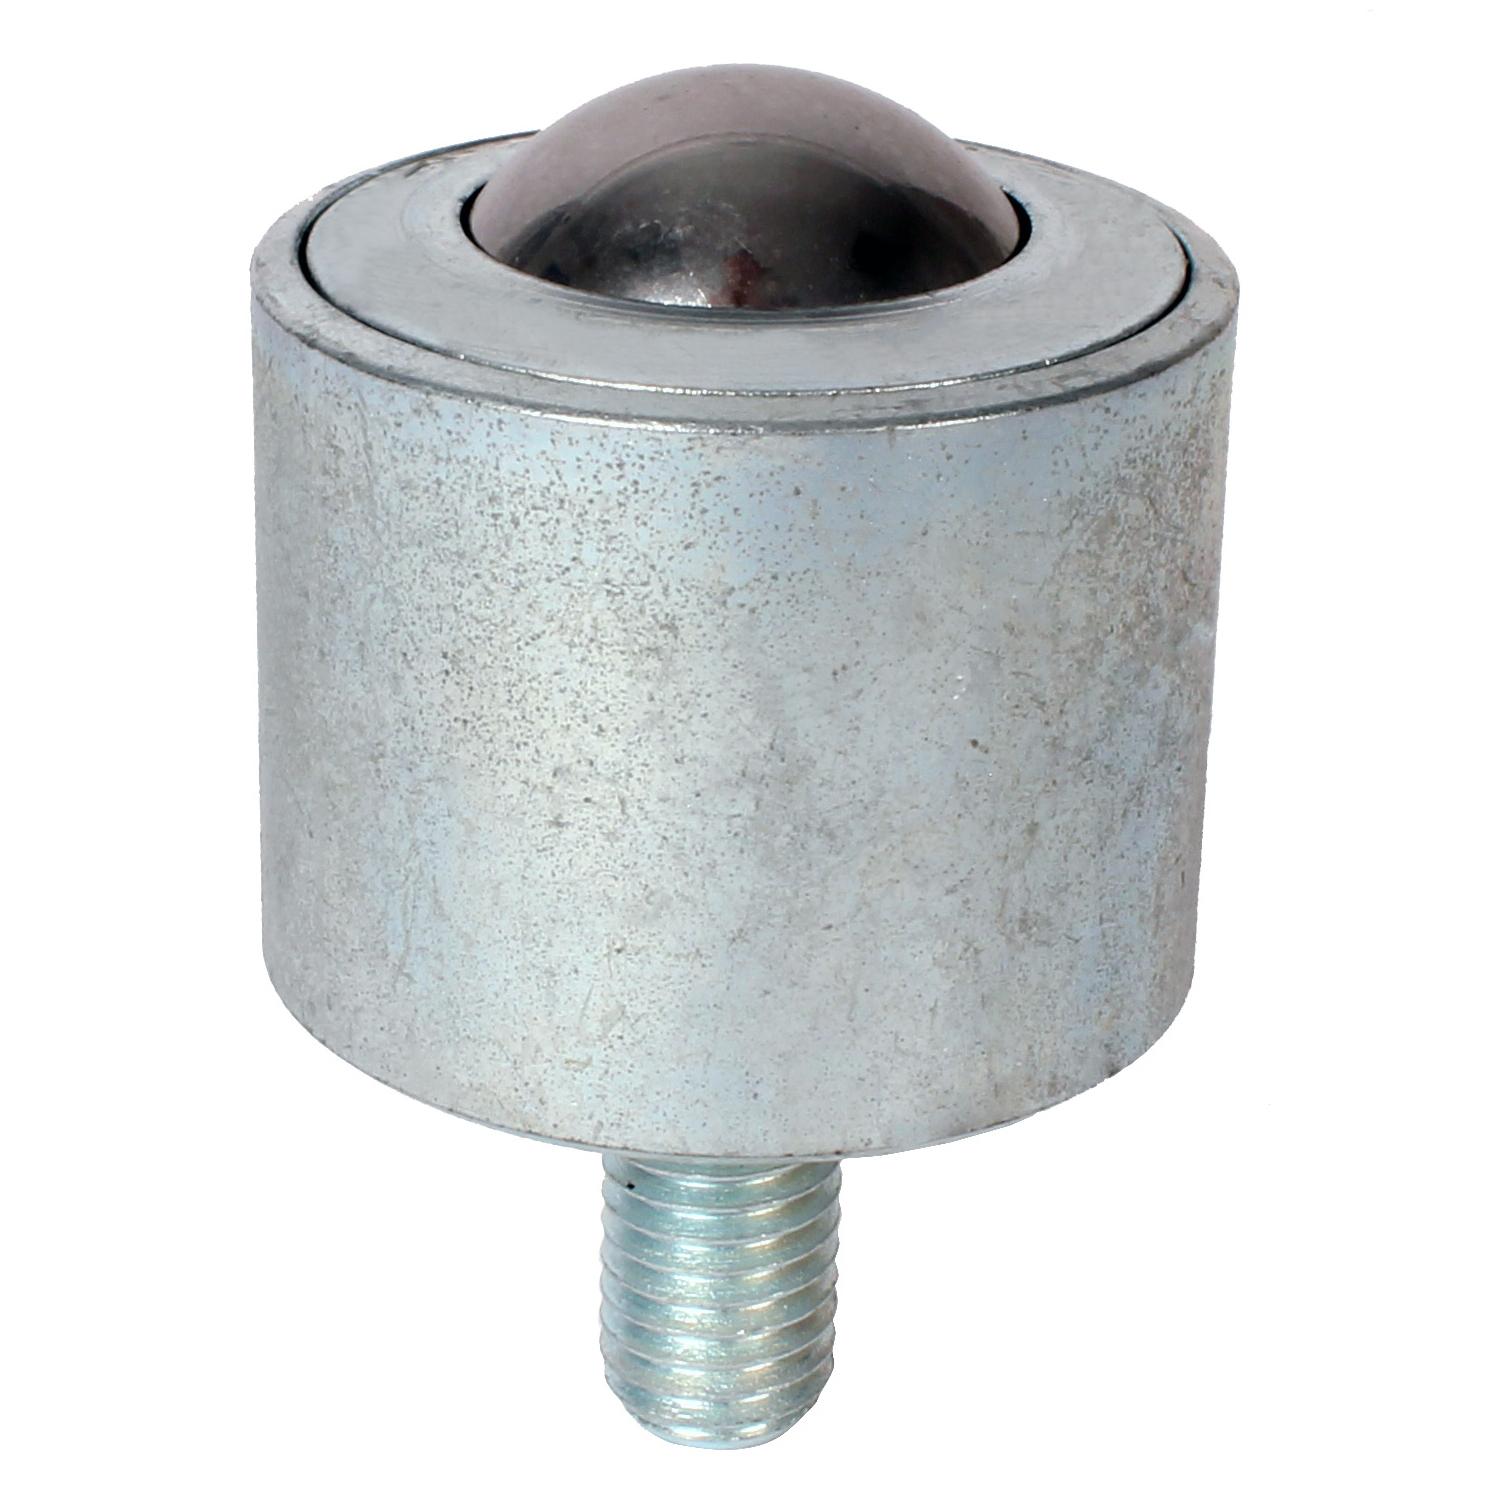 Bille porteuse - Forte - Corps acier / billes acier - Fixation par tige filetée